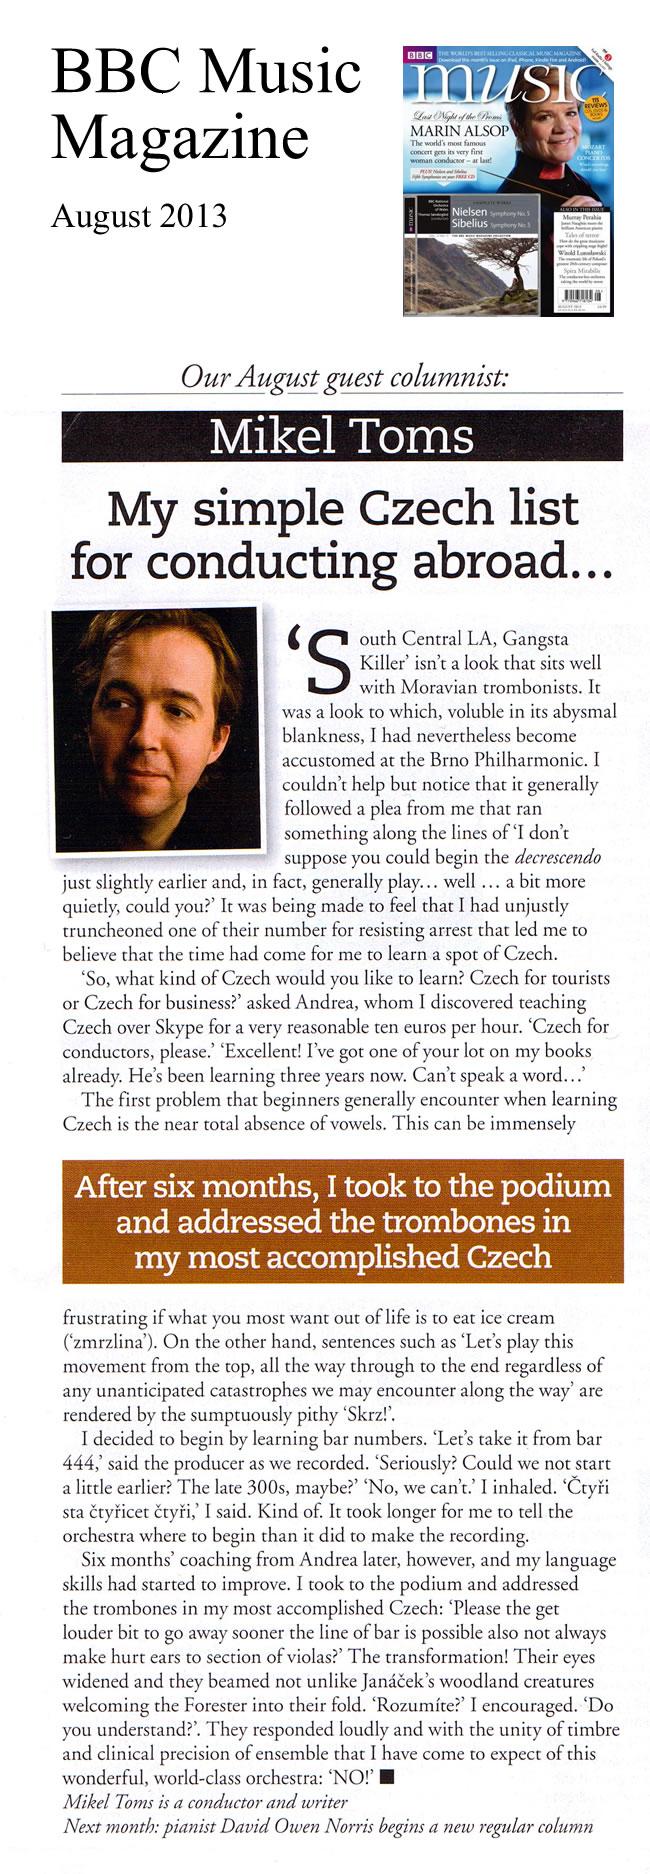 bbc_music_magazine